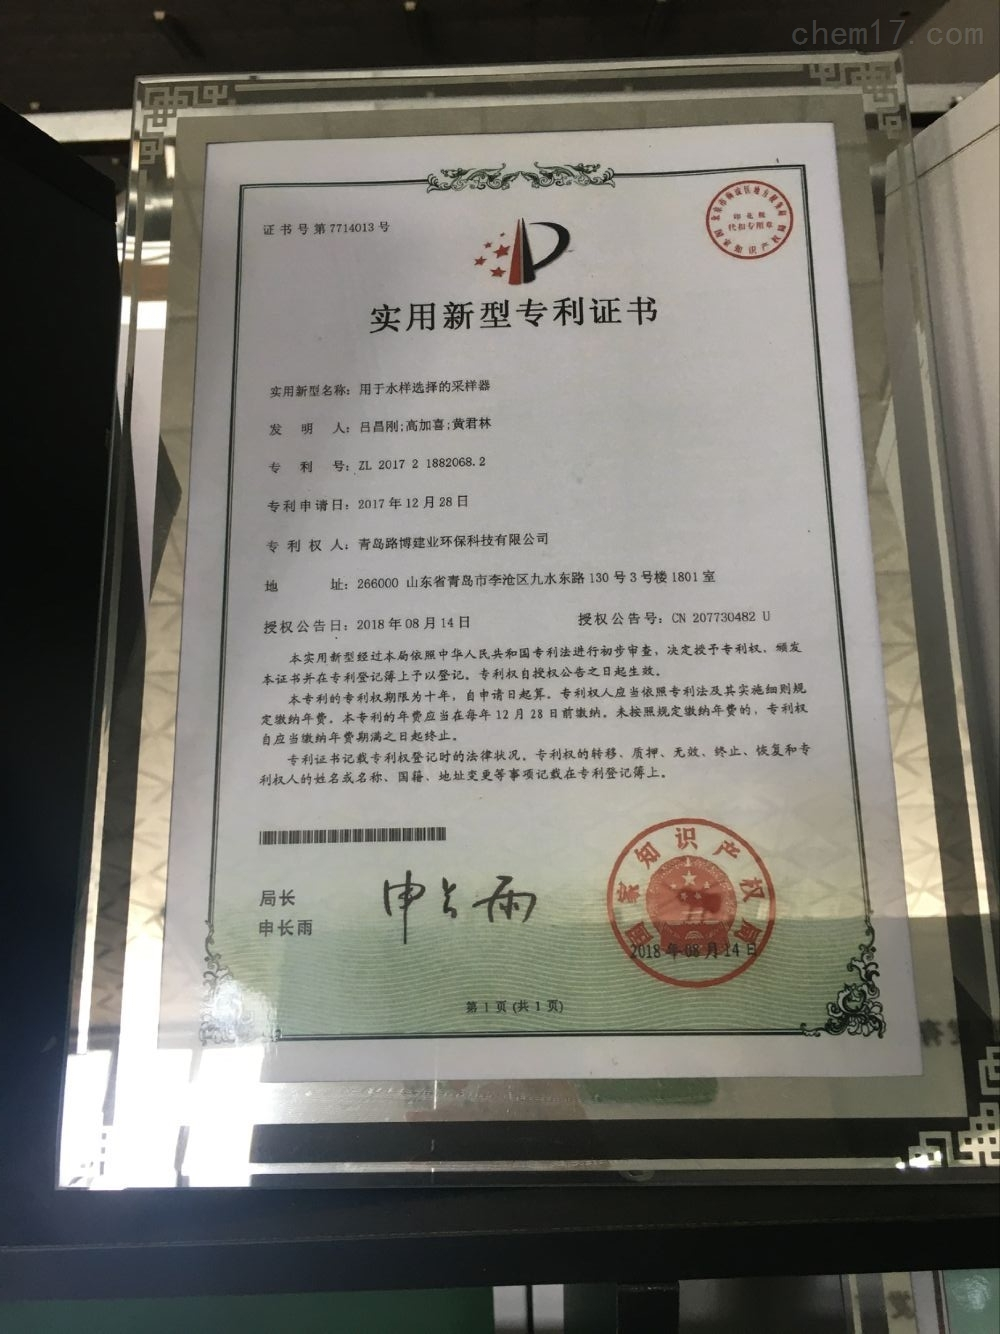 用于水样选择的采样器专利证书